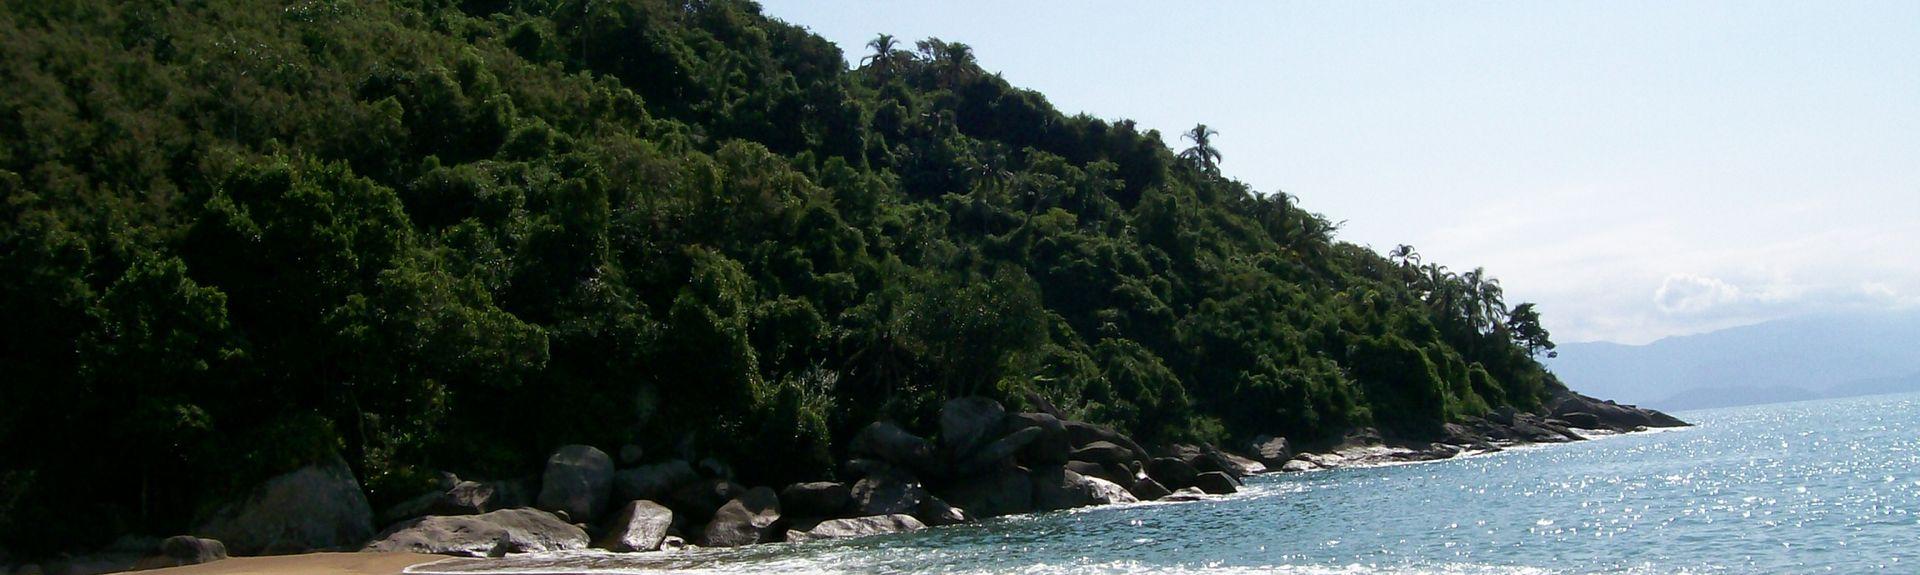 Plaża Pinto, Ilhabela, Region Południowo-wschodni, Brazylia